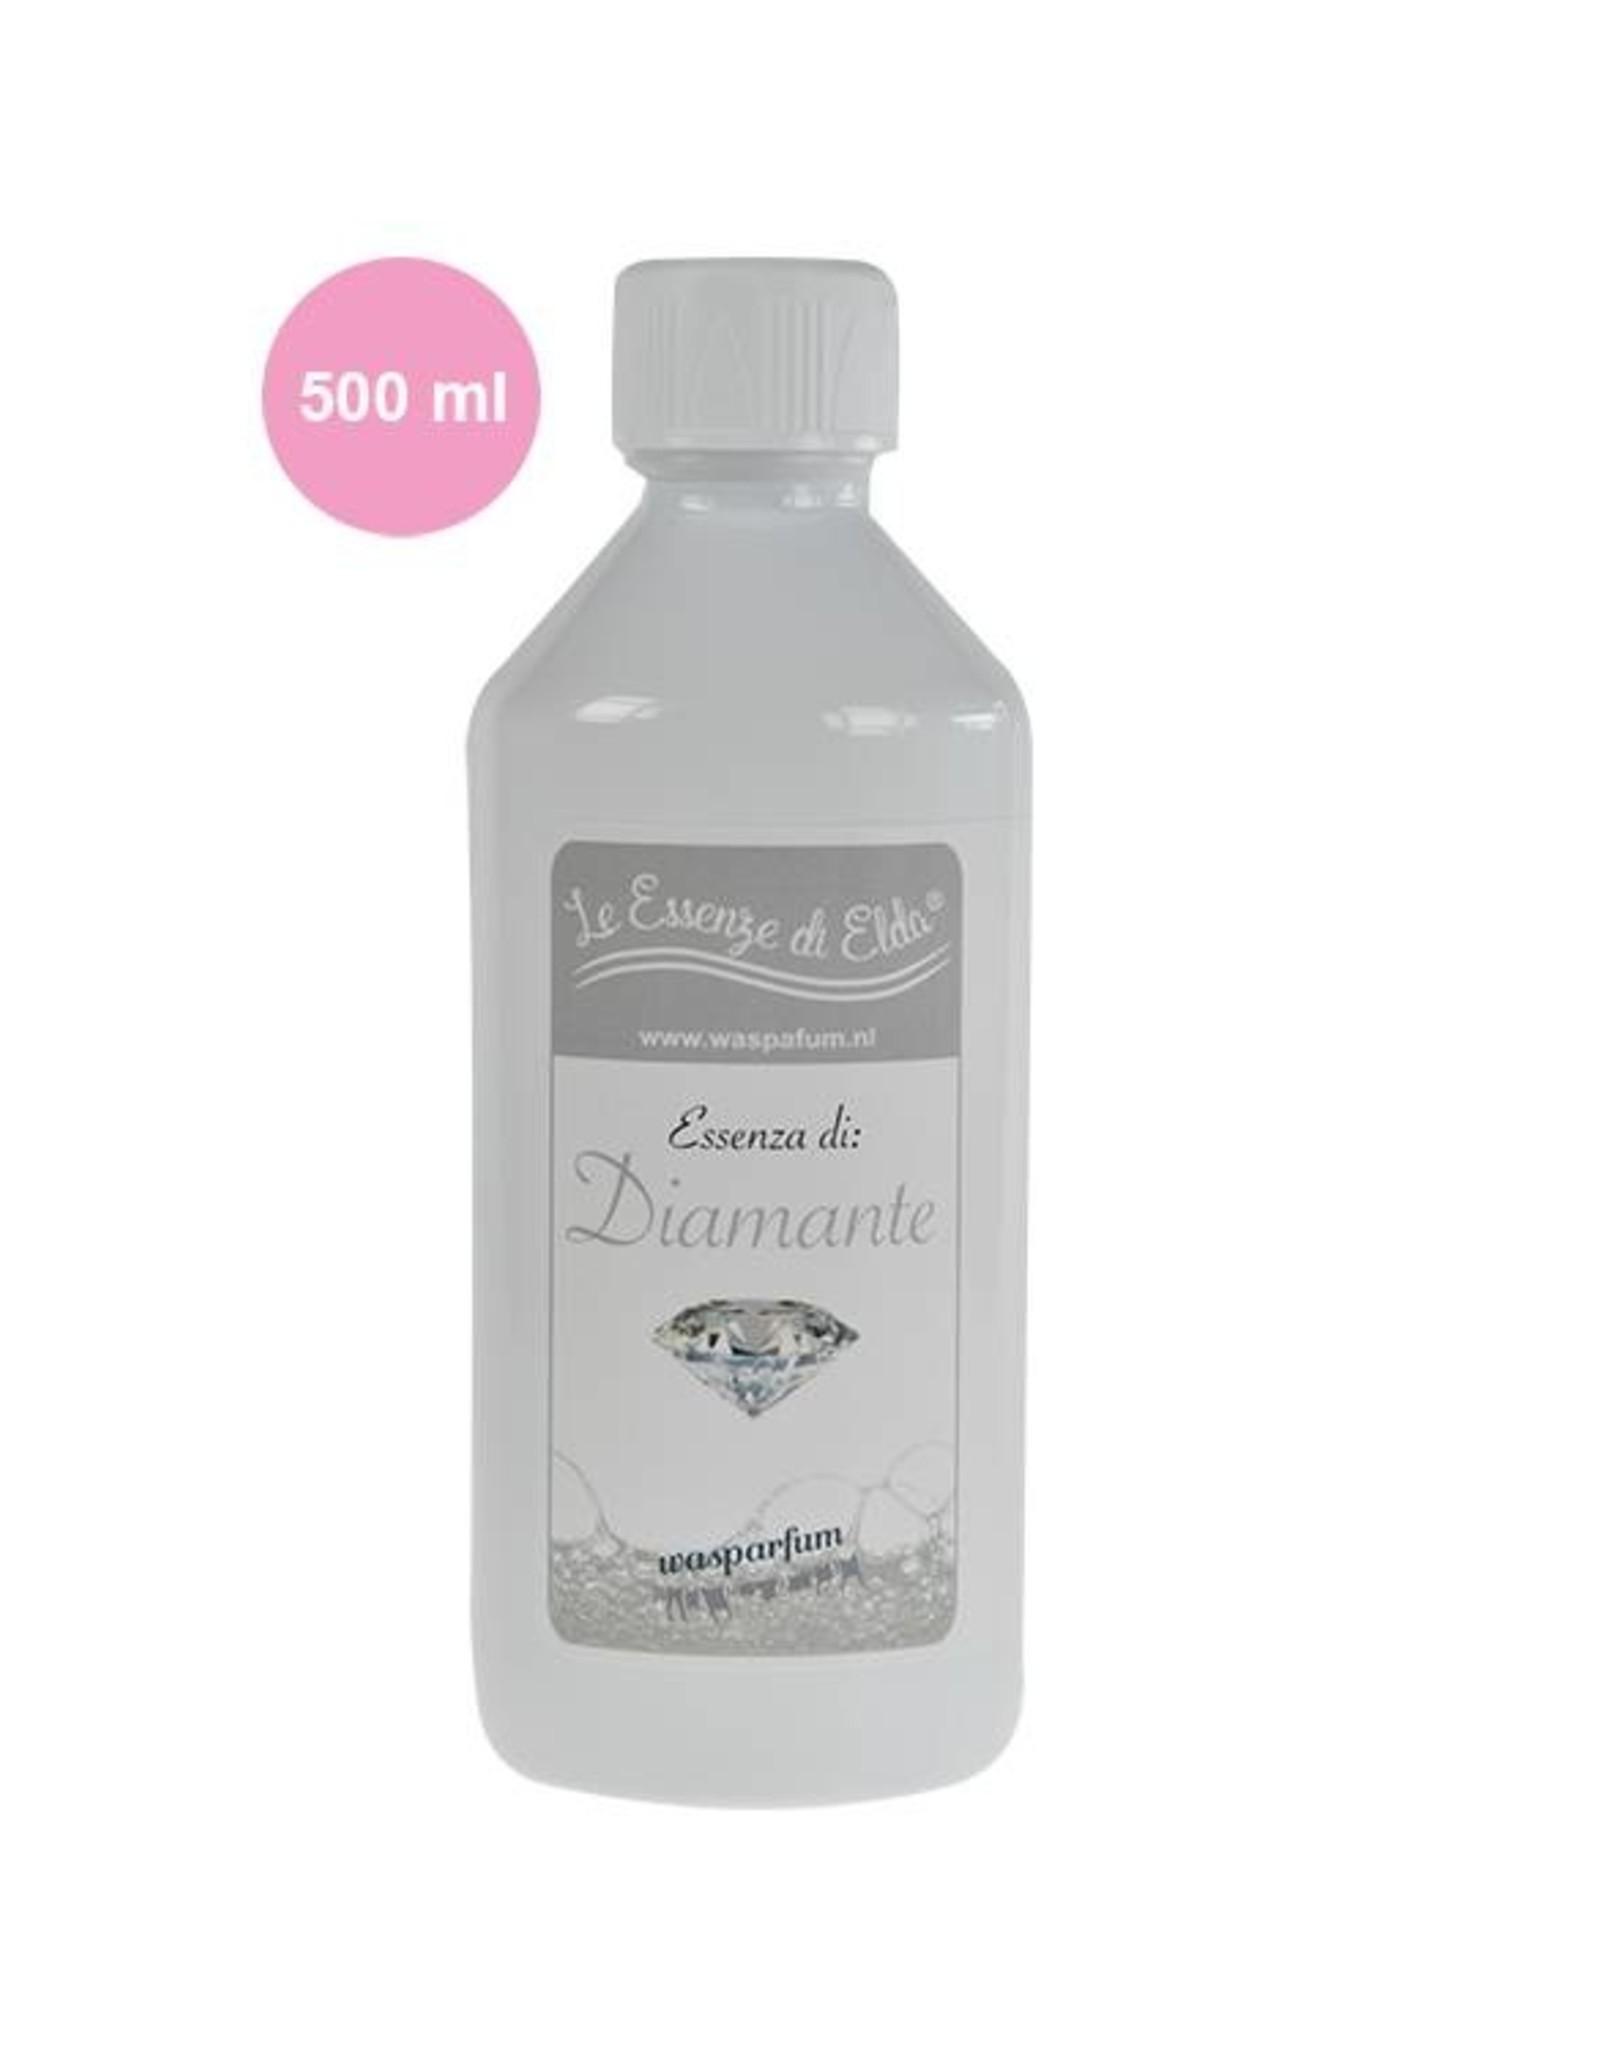 Wasparfum Fles Diamante Wasparfum 500 ml